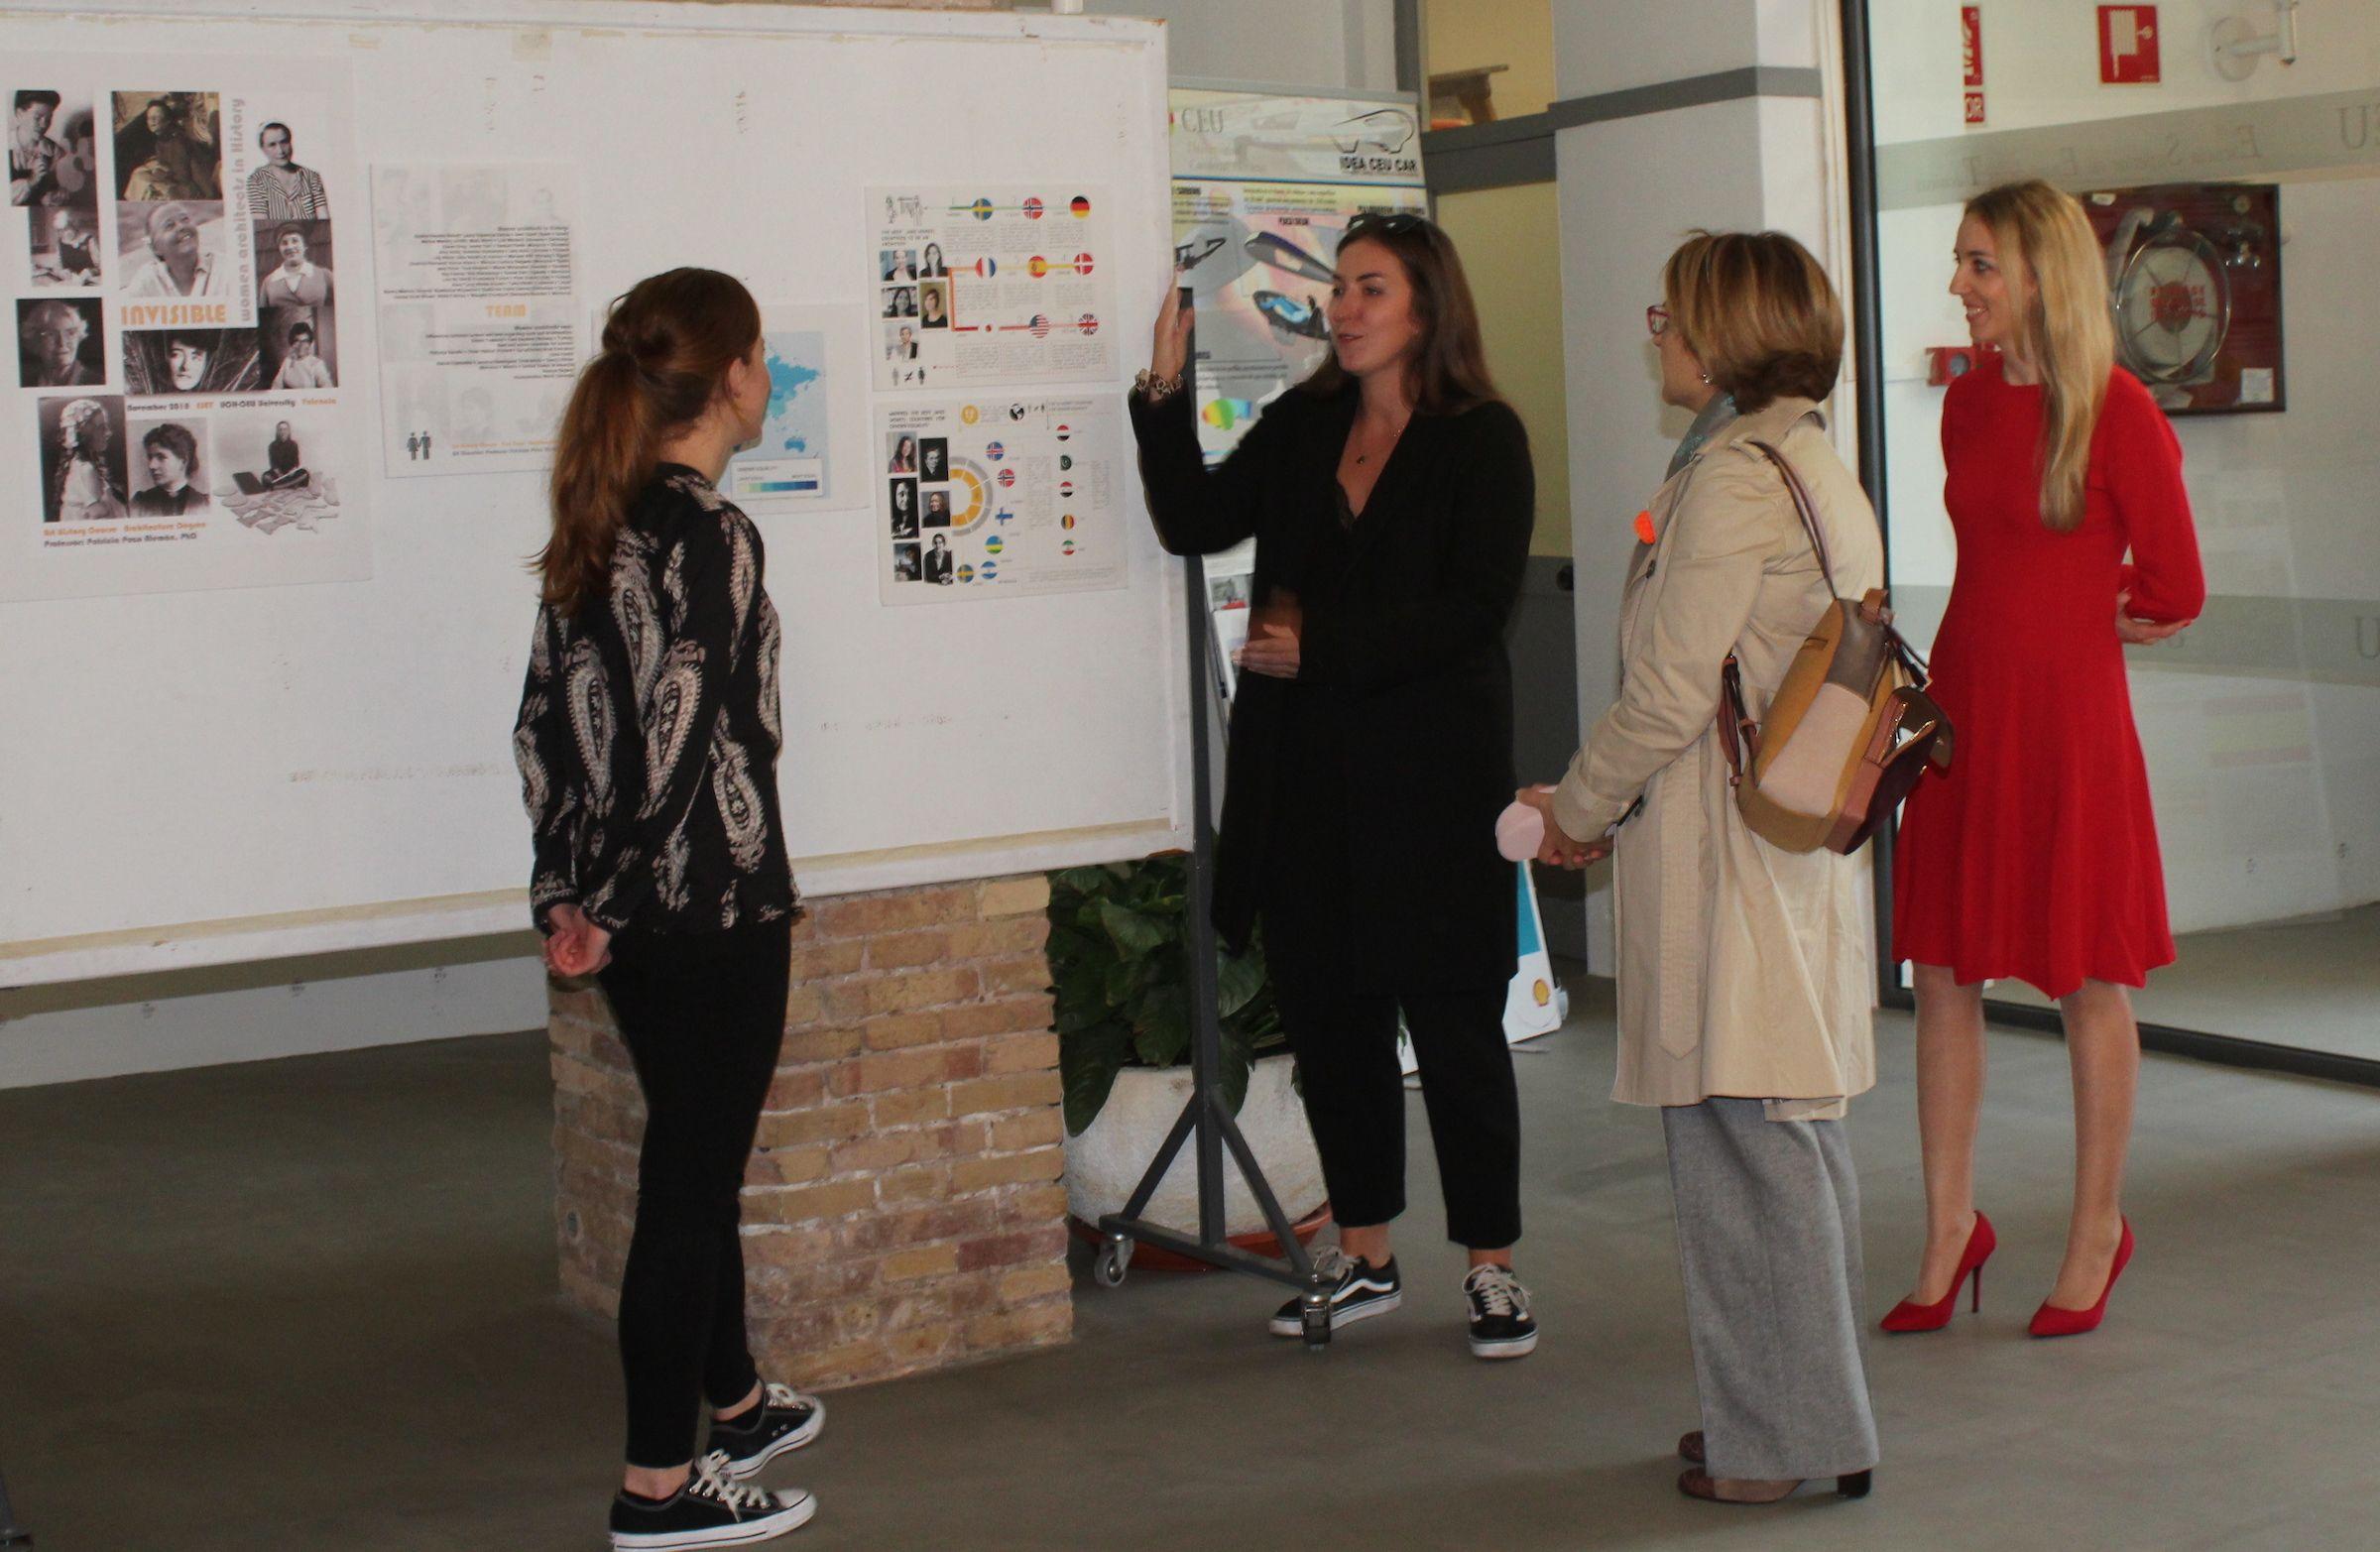 La rectora Rosa Visiedo, en su visita a la exposición, con estudiantes de Architecture y la profesora Patricia Pozo.